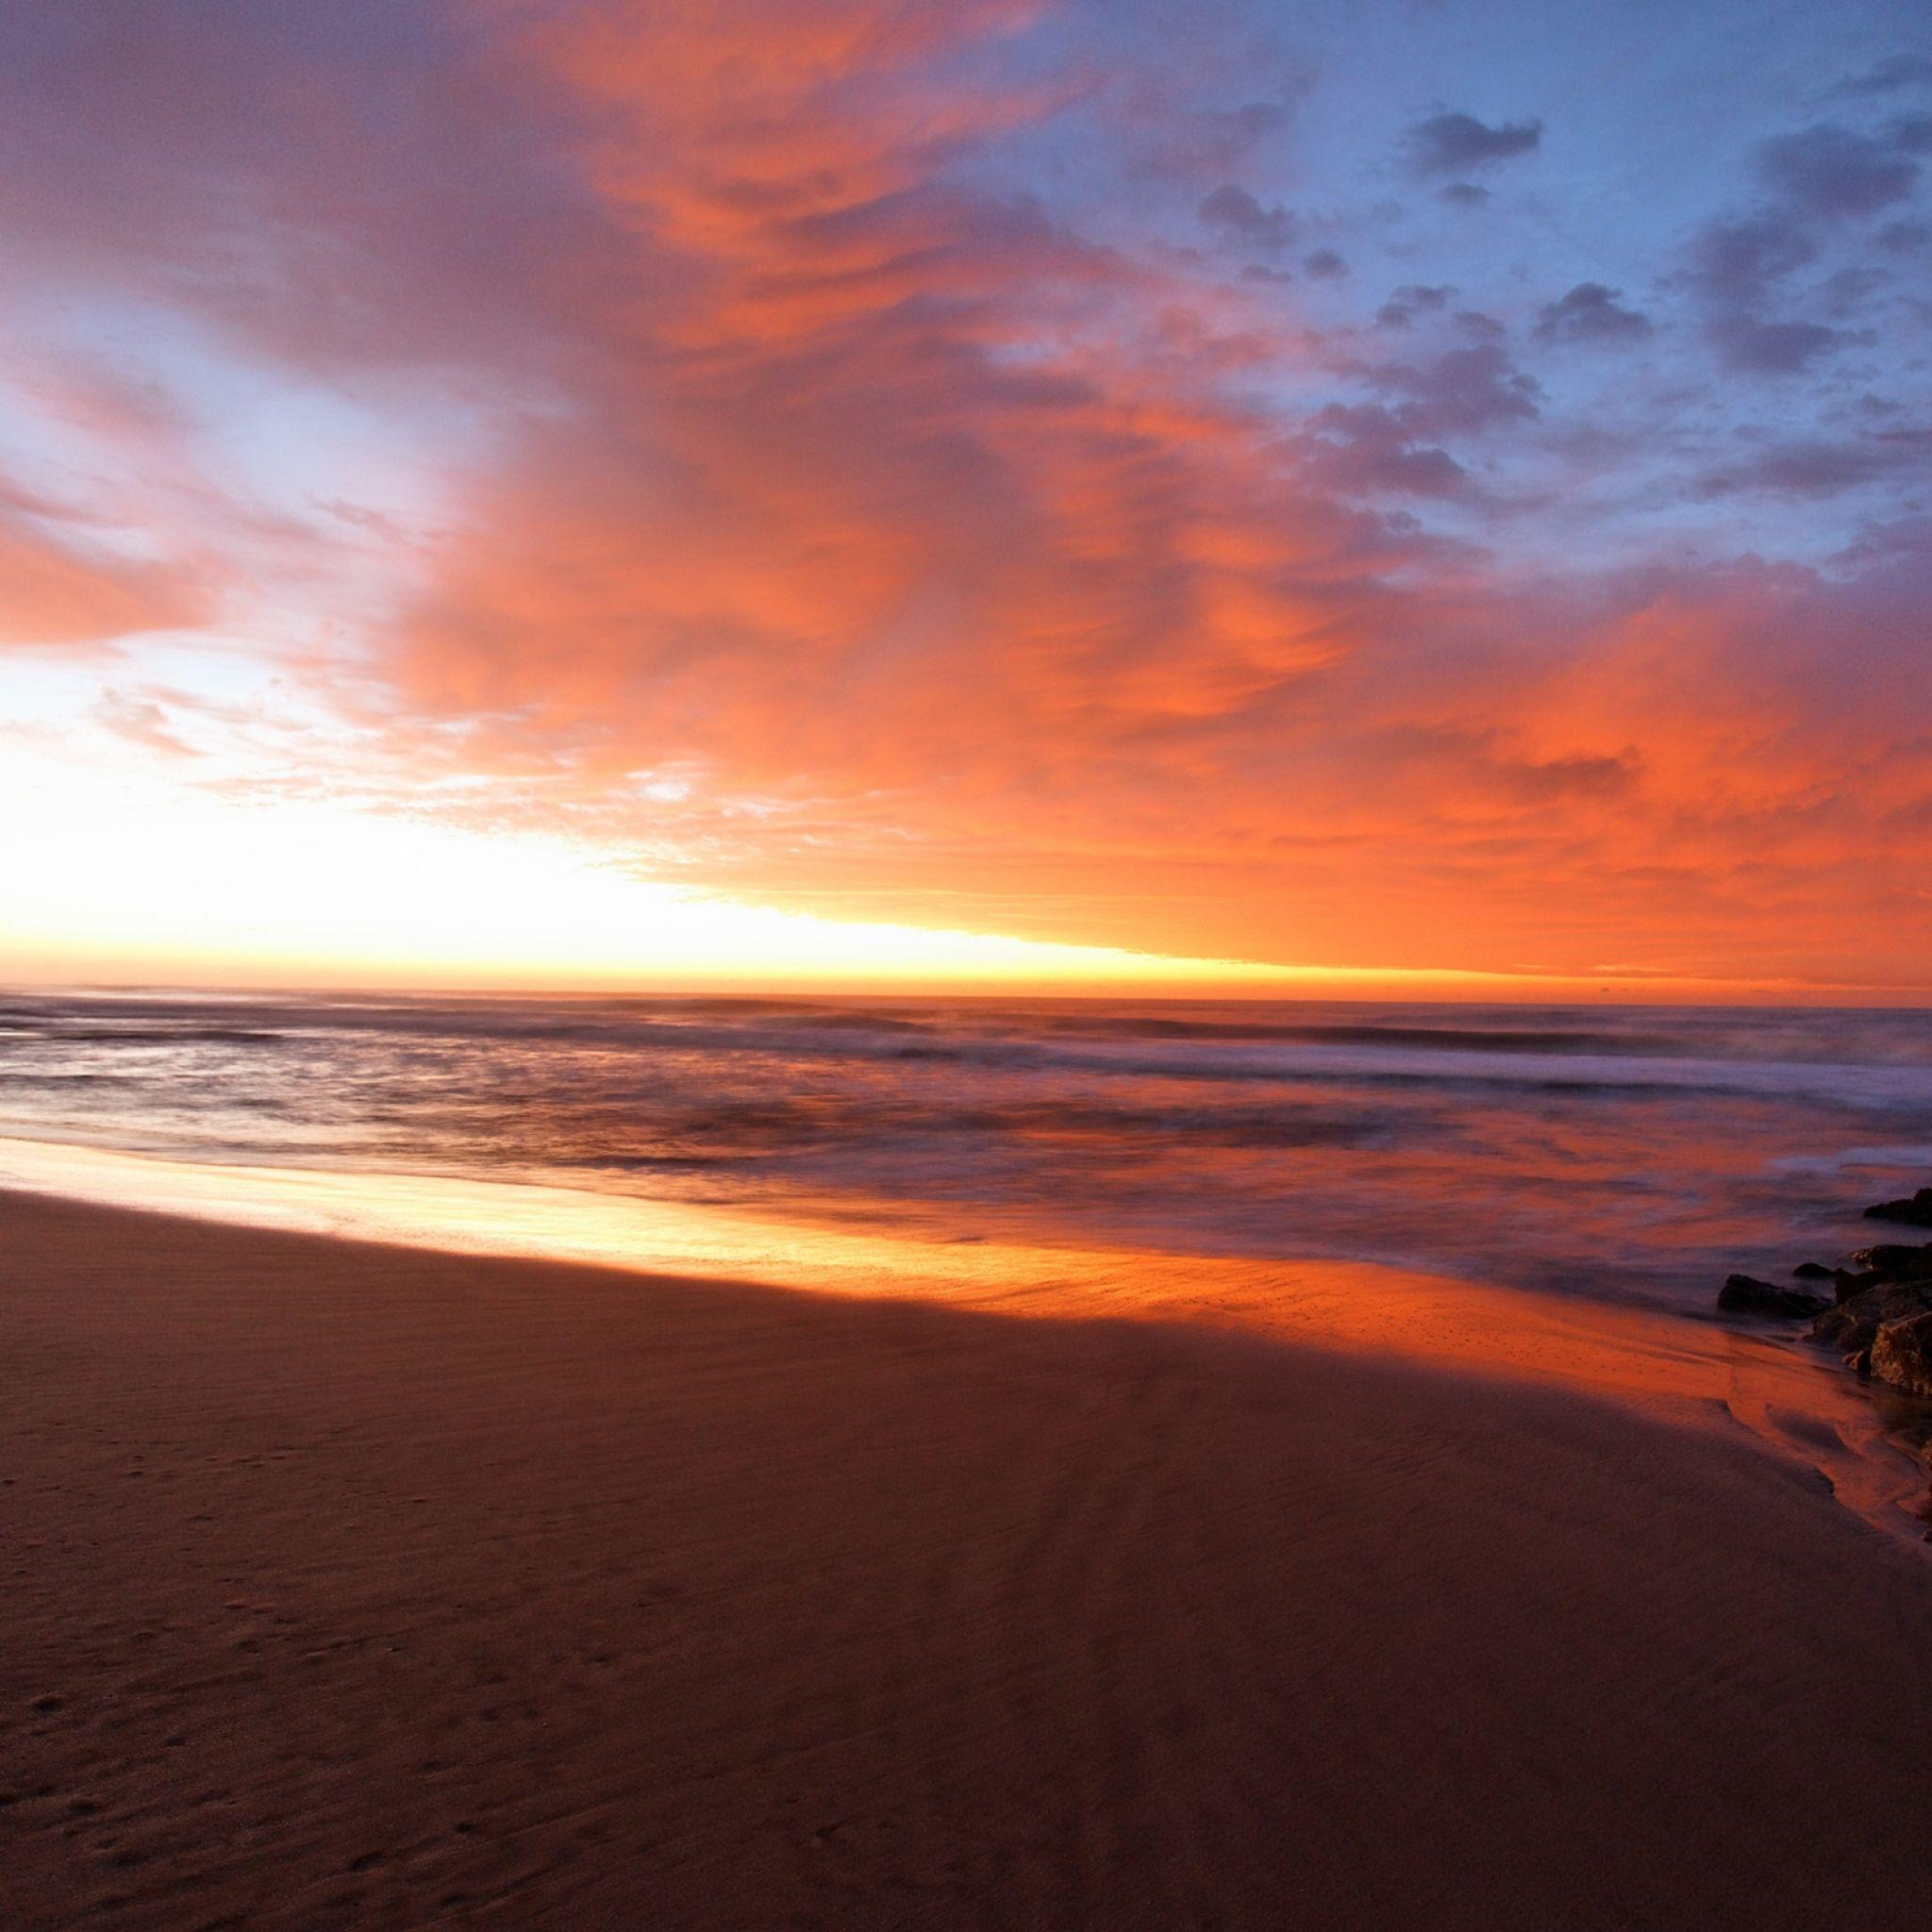 2048x2048 Wallpaper declínio, noite, praia, areia, mar, umidade, nuvens, máscaras, laranja, facilidade